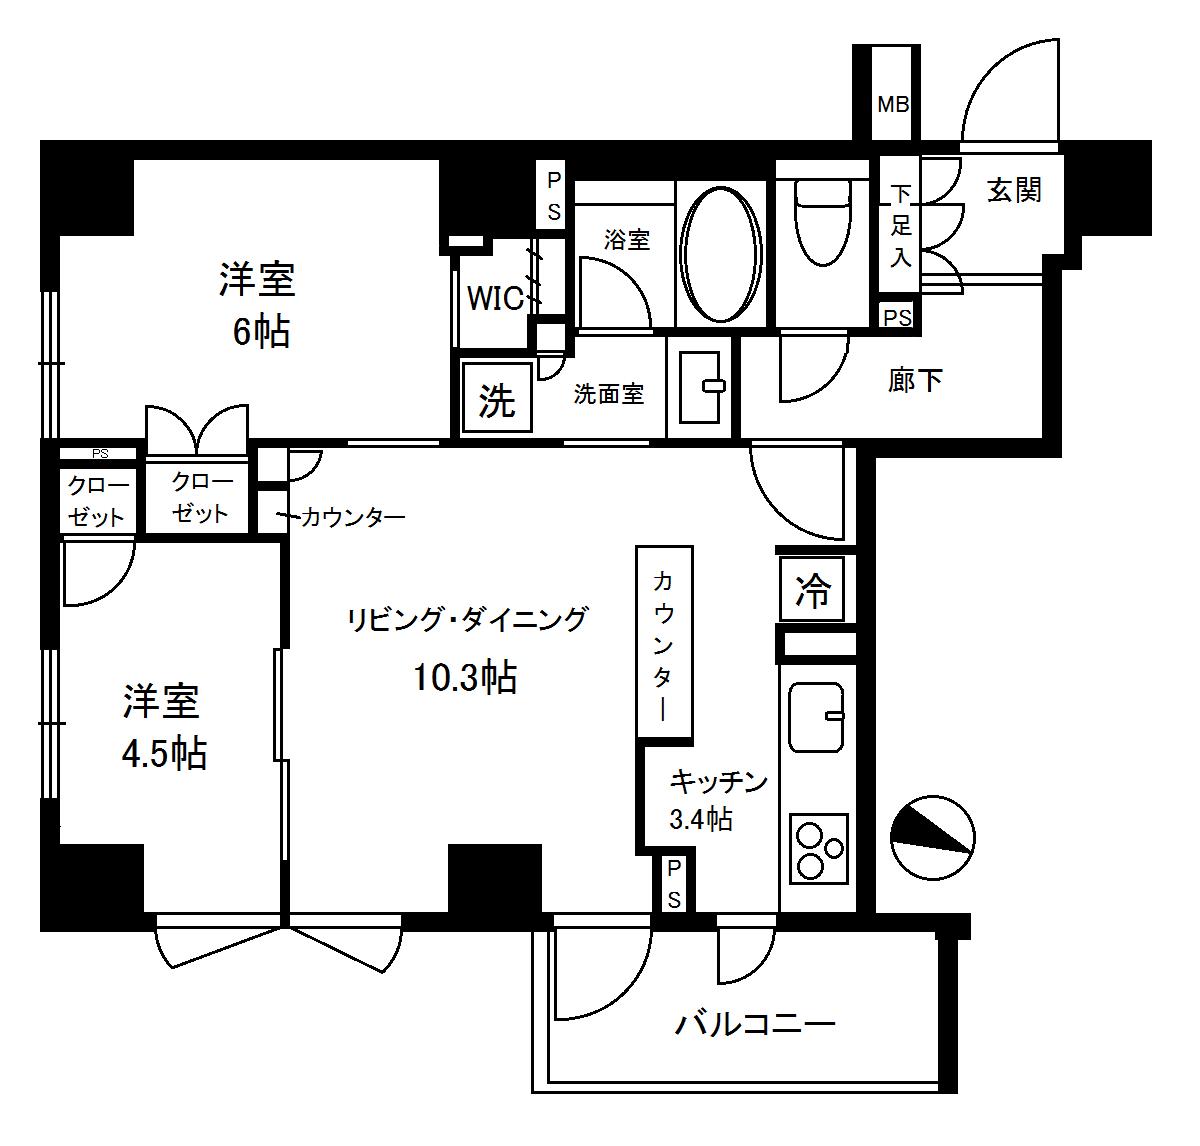 ブランズ渋谷神山町 2階